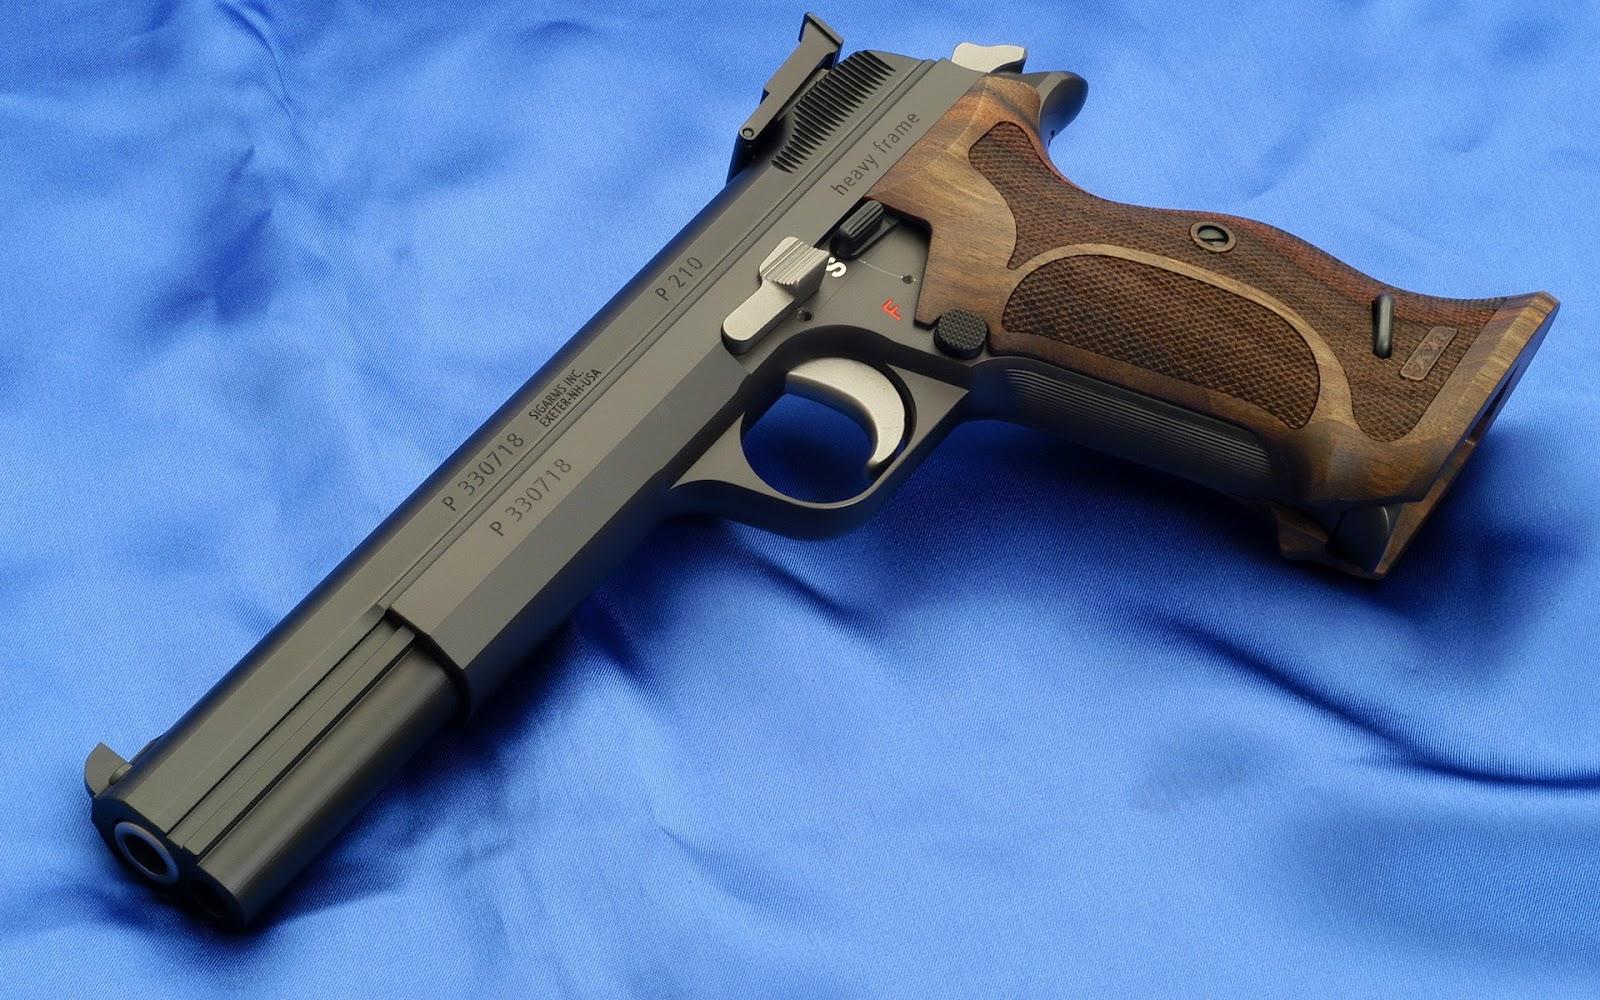 http://2.bp.blogspot.com/-r6kmTbb11Bw/T0yIBKlqOKI/AAAAAAAAVgM/HbwJNqWwiQQ/s1600/Armas-Pistolas_07_sig-p210.jpg